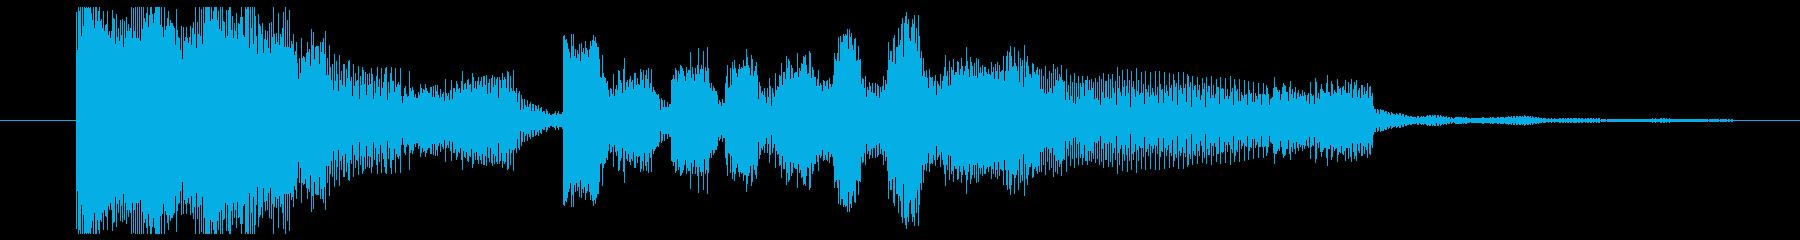 忙しくエネルギッシュなドラムンベー...の再生済みの波形